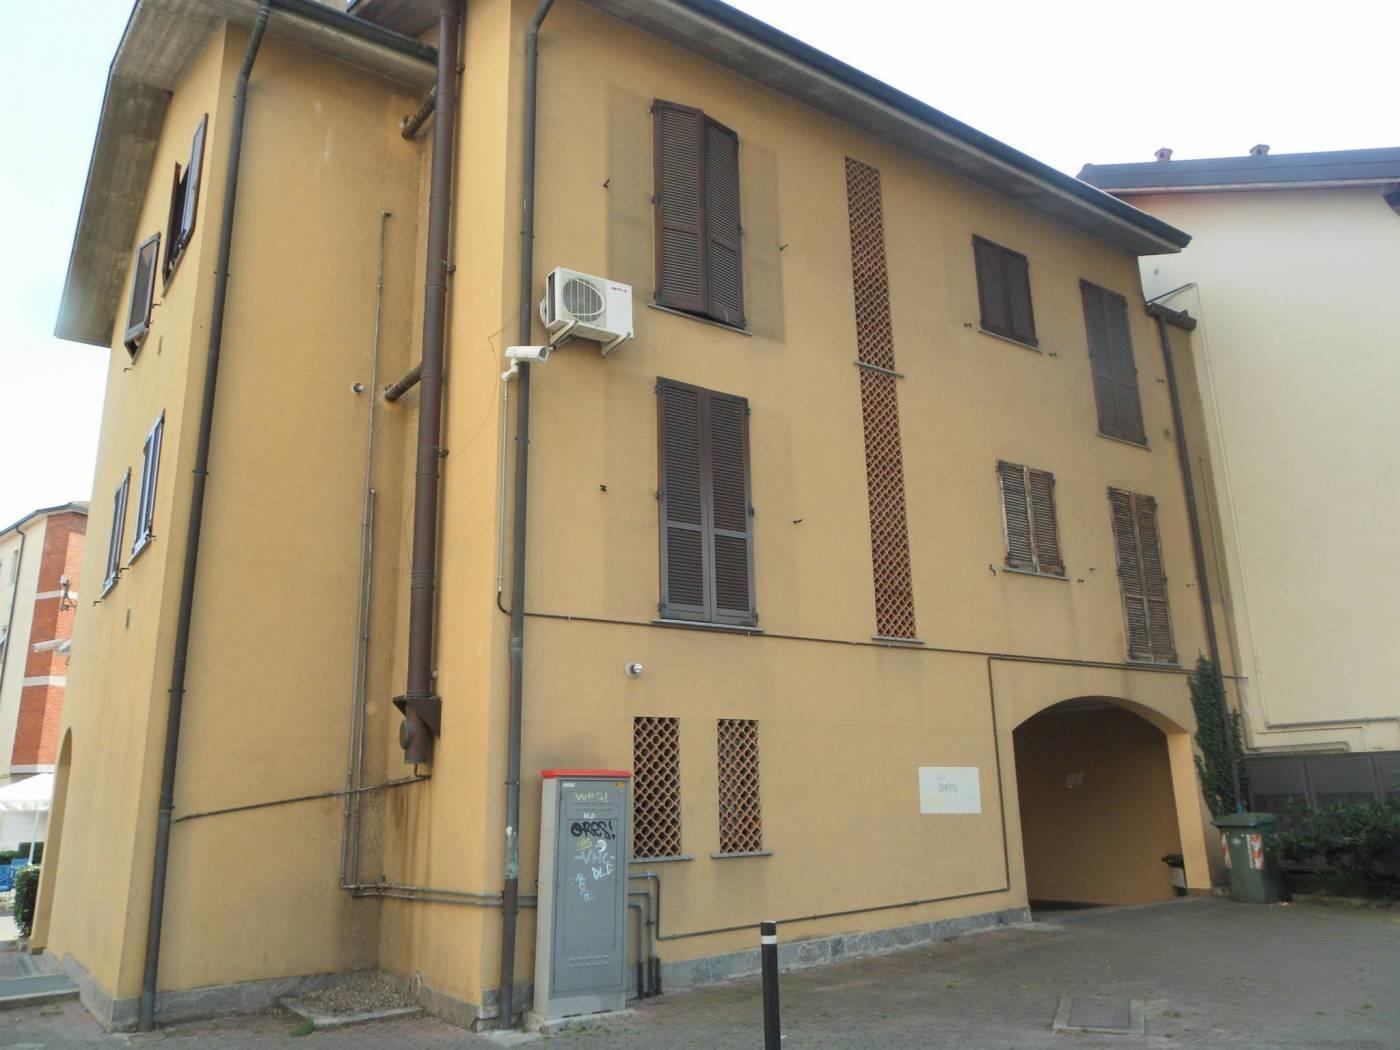 Foto 3 - Appartamento in Vendita - Mezzago (Monza e Brianza)